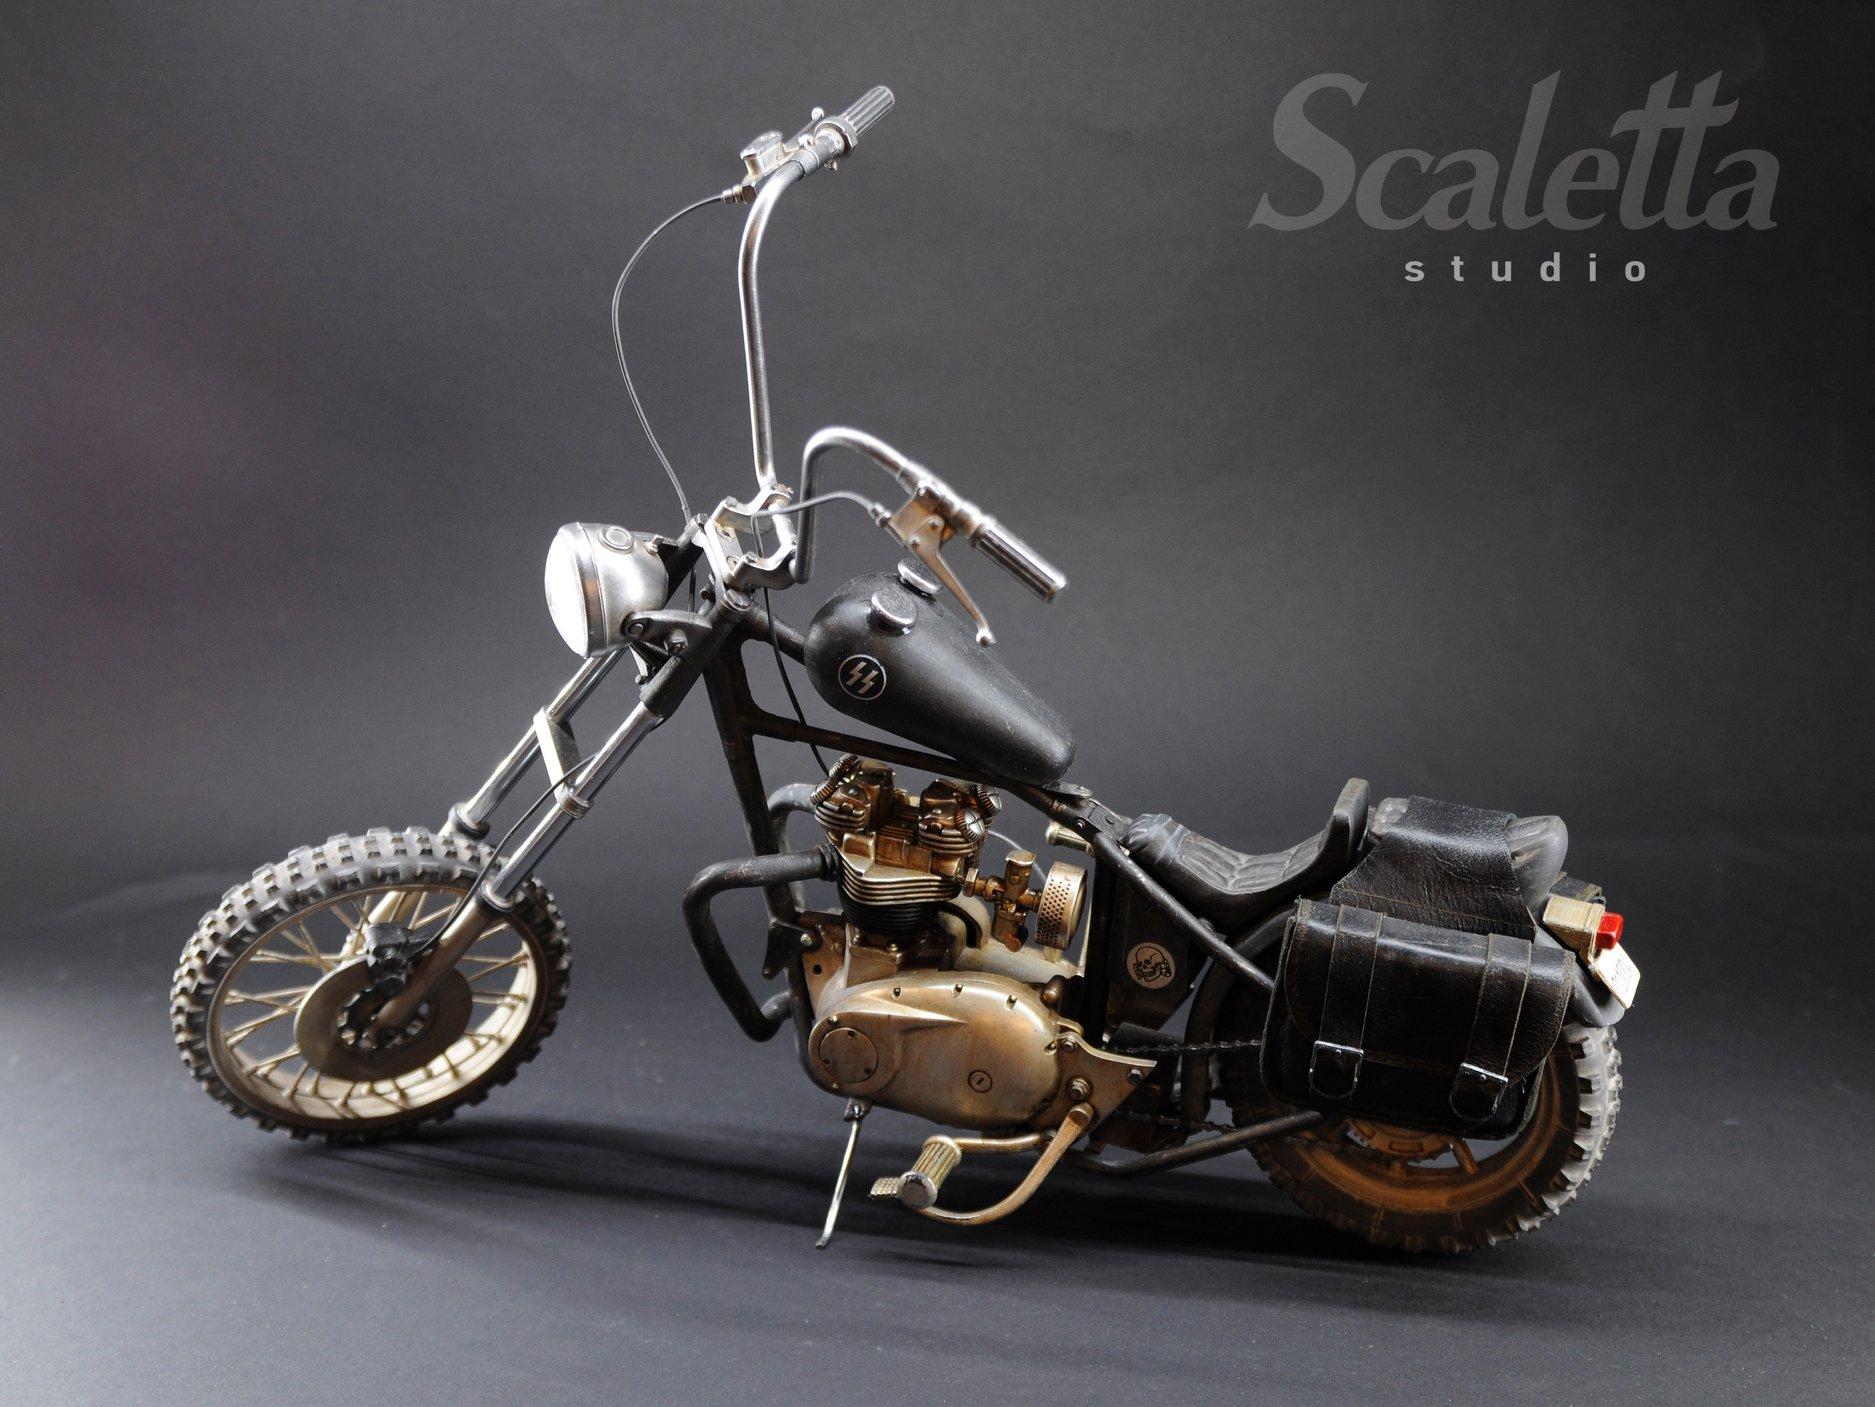 sca-bike04